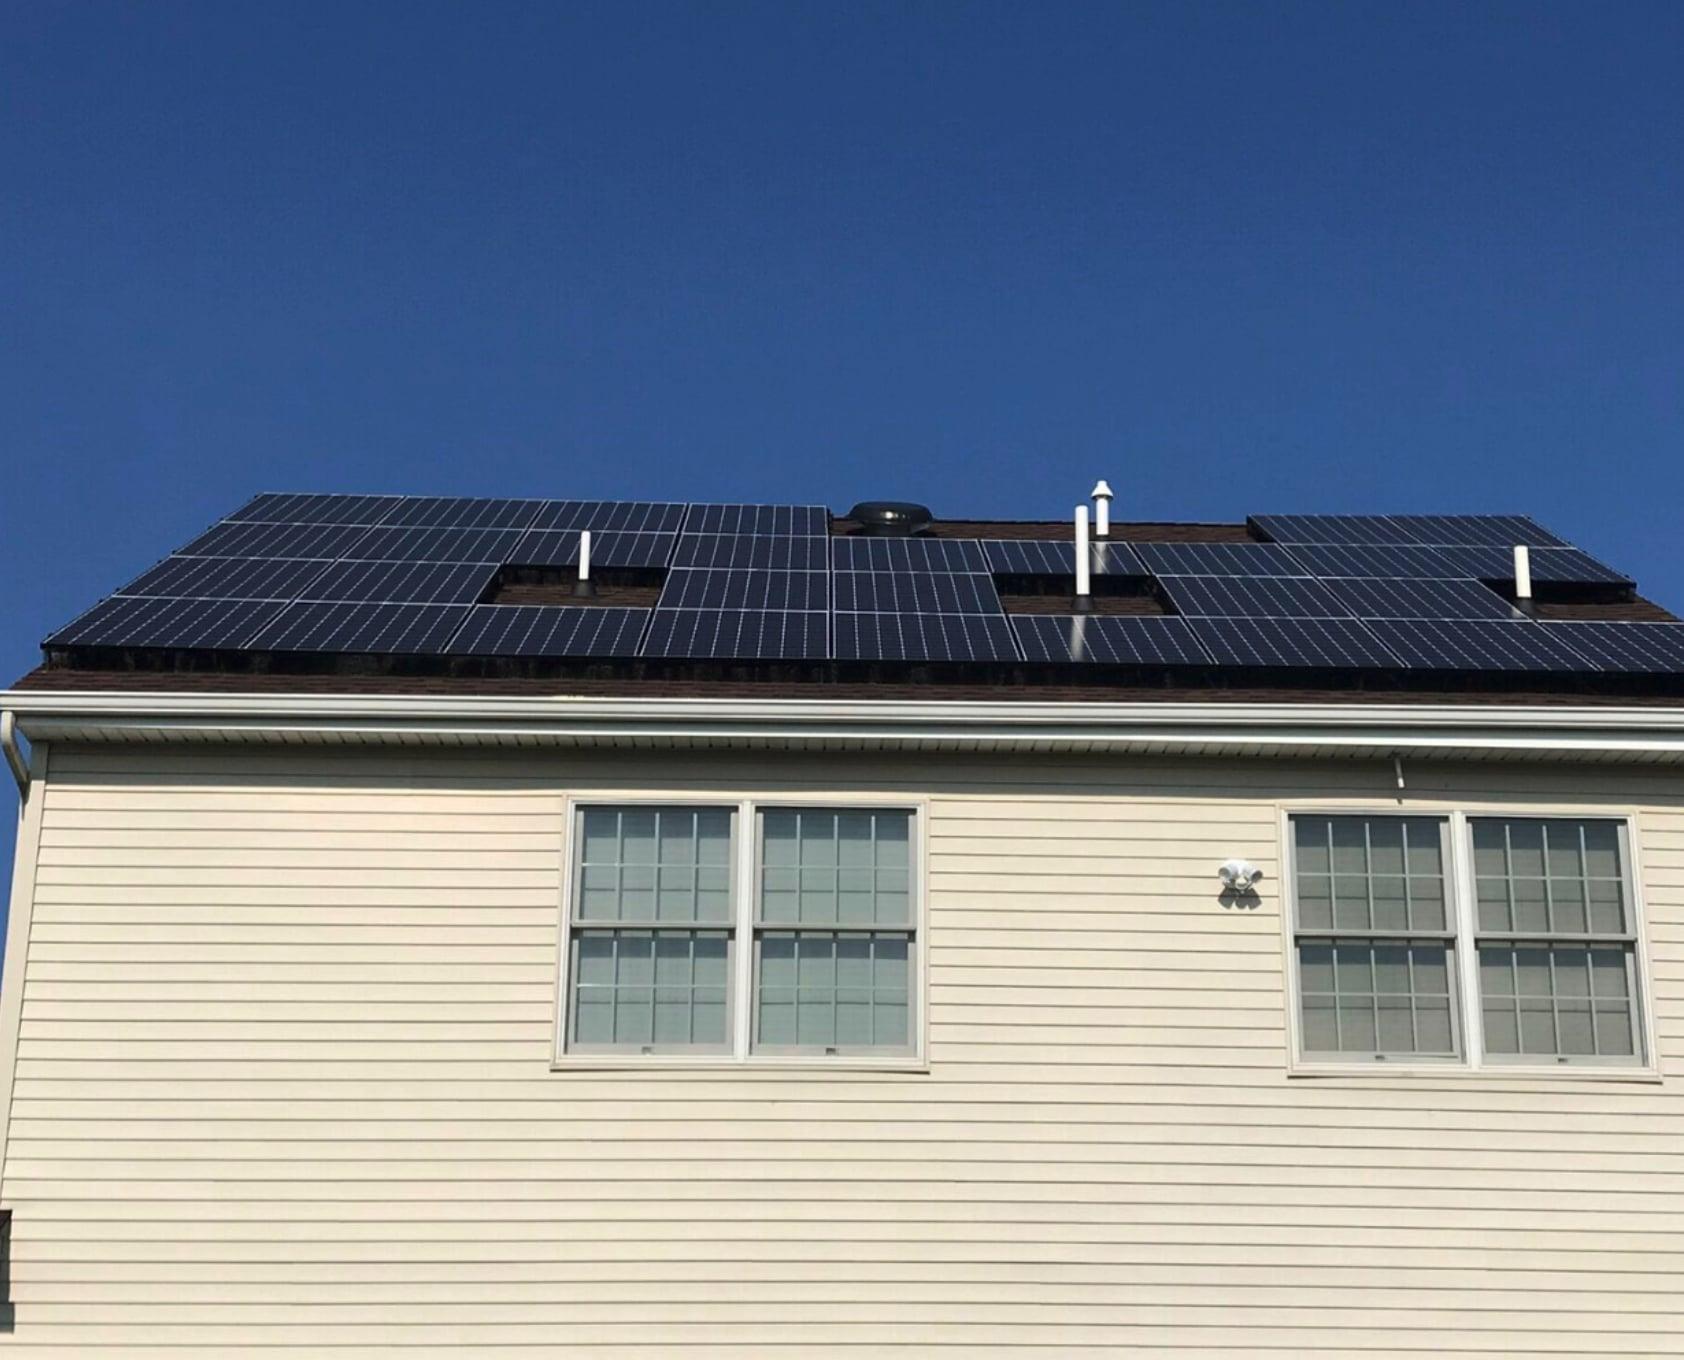 Understanding how solar panels work